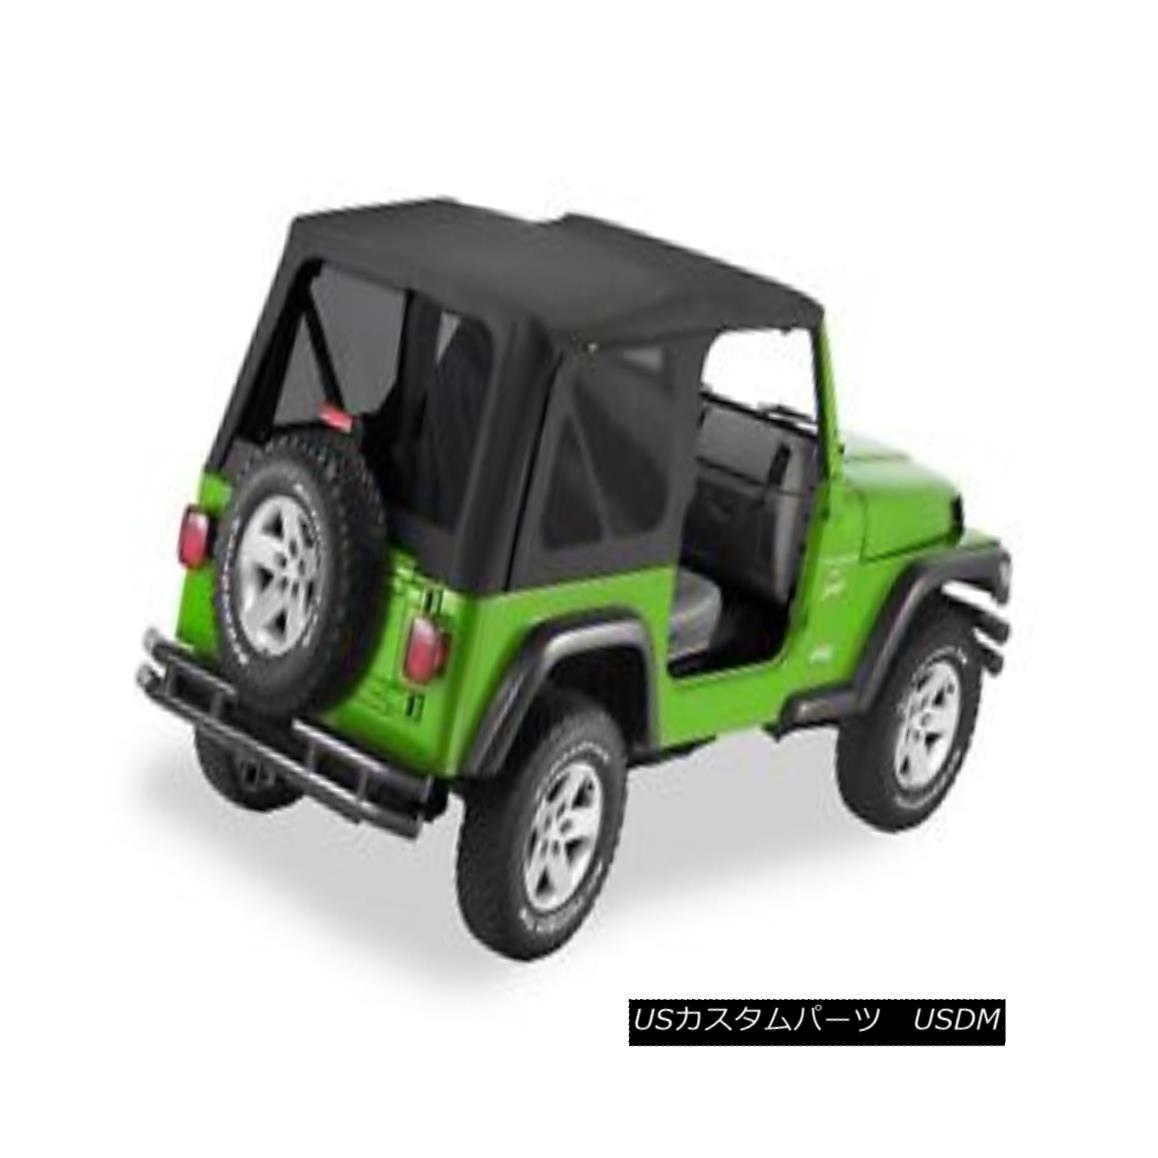 幌・ソフトトップ Bestop 51193-35 Jeep Replace-a-Top Soft Top Black Diamond Bestop 51193-35ジープ交換トップトップソフトトップブラックダイヤモンド